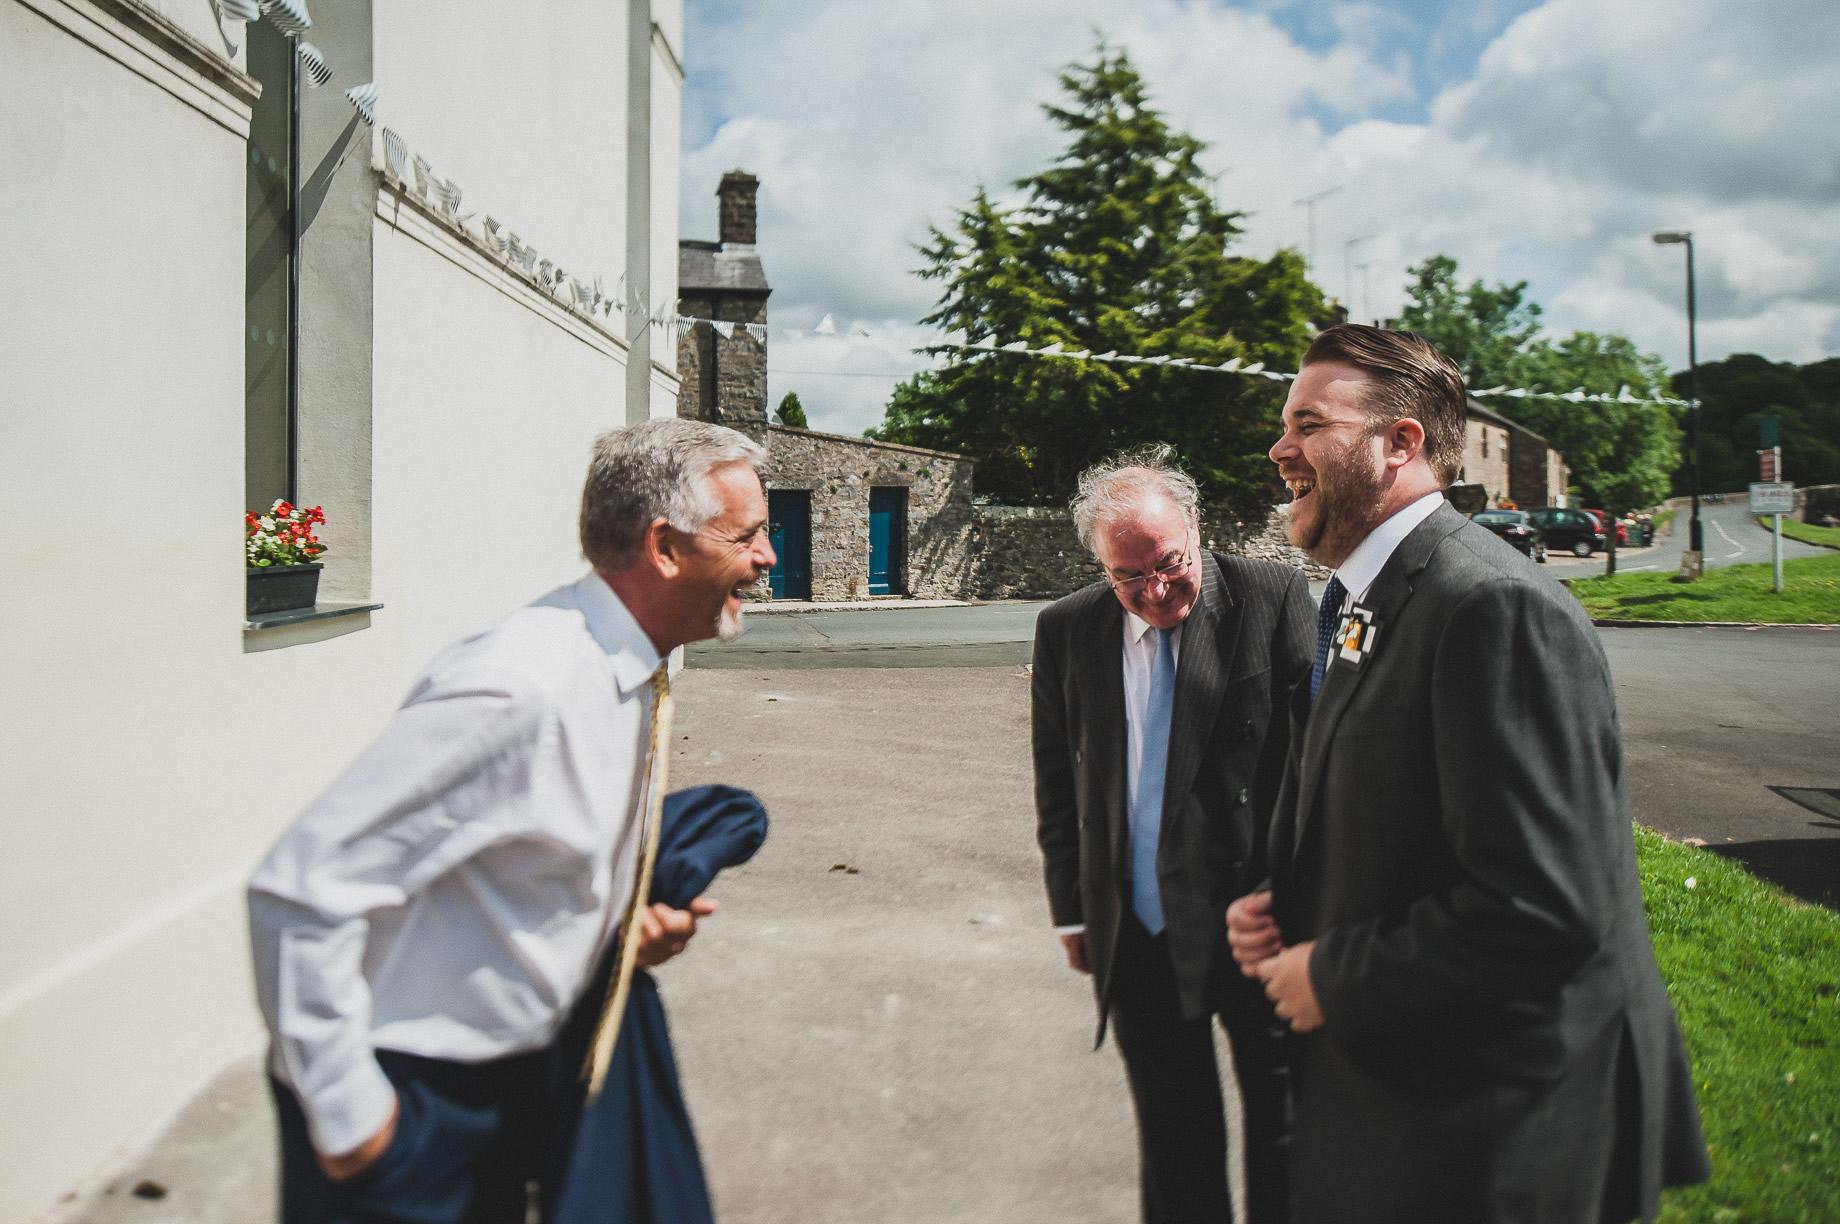 Becky and John's Wedding at Slaidburn Village Hall 047